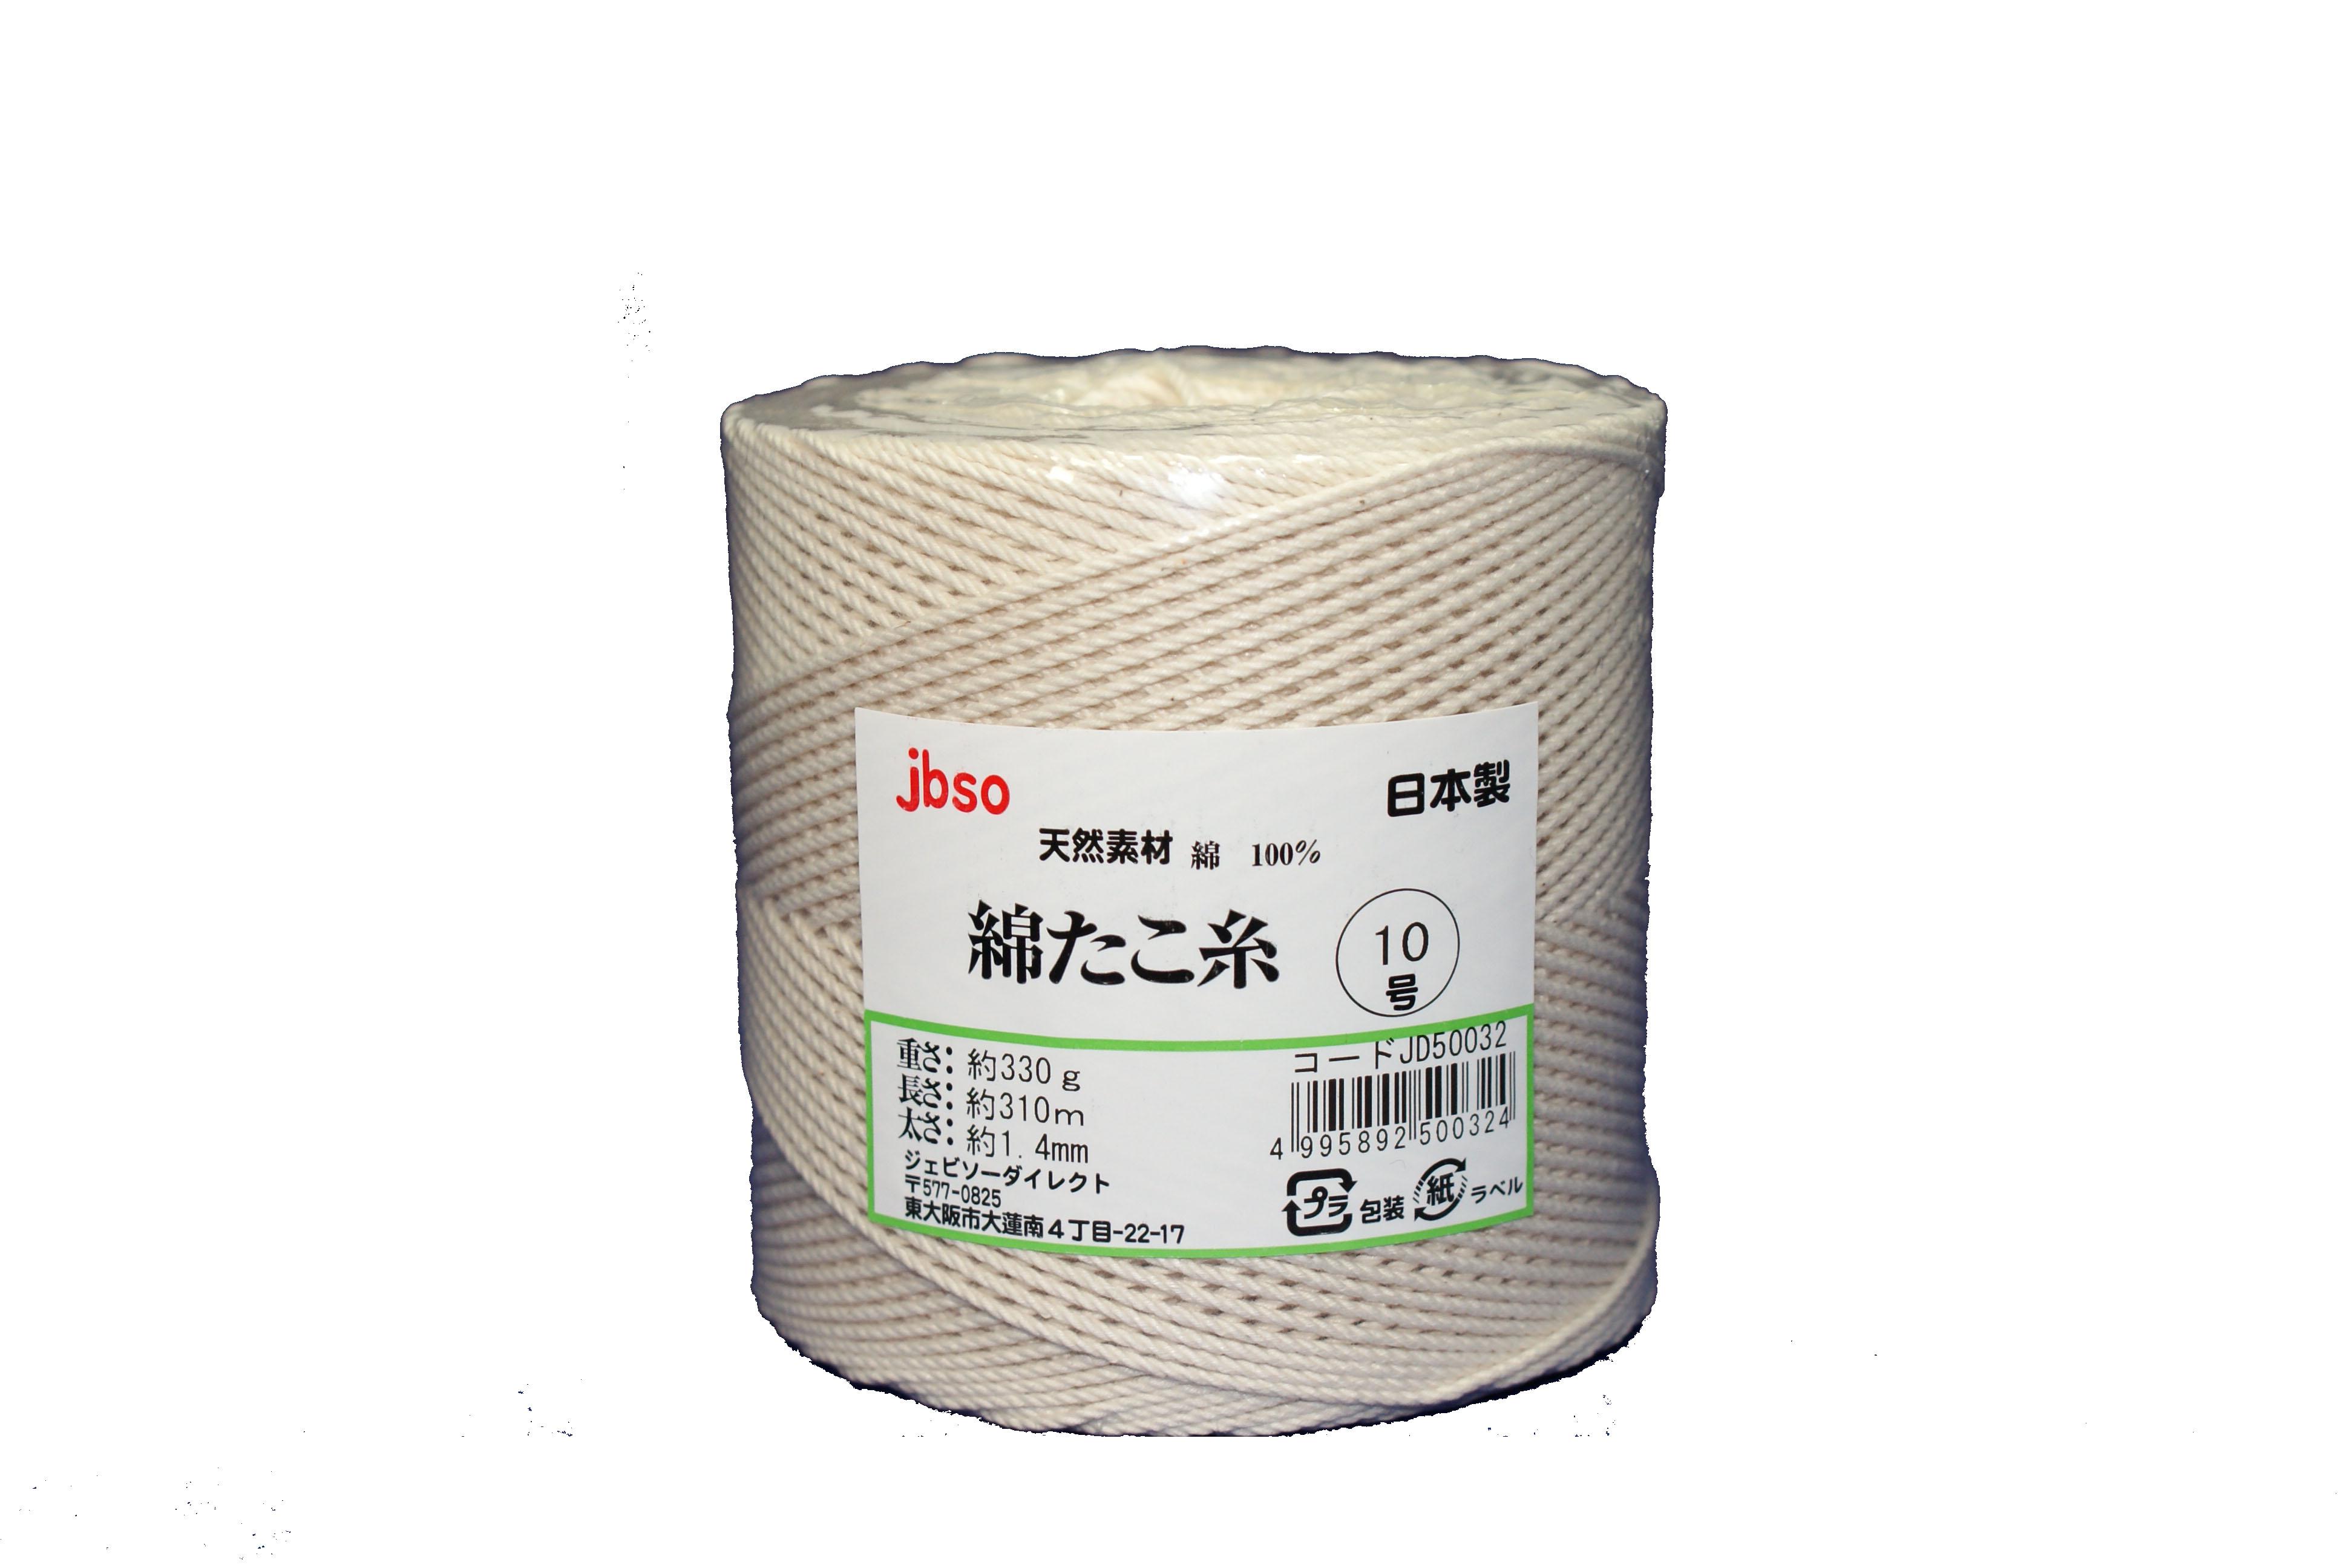 綿たこ糸 330g